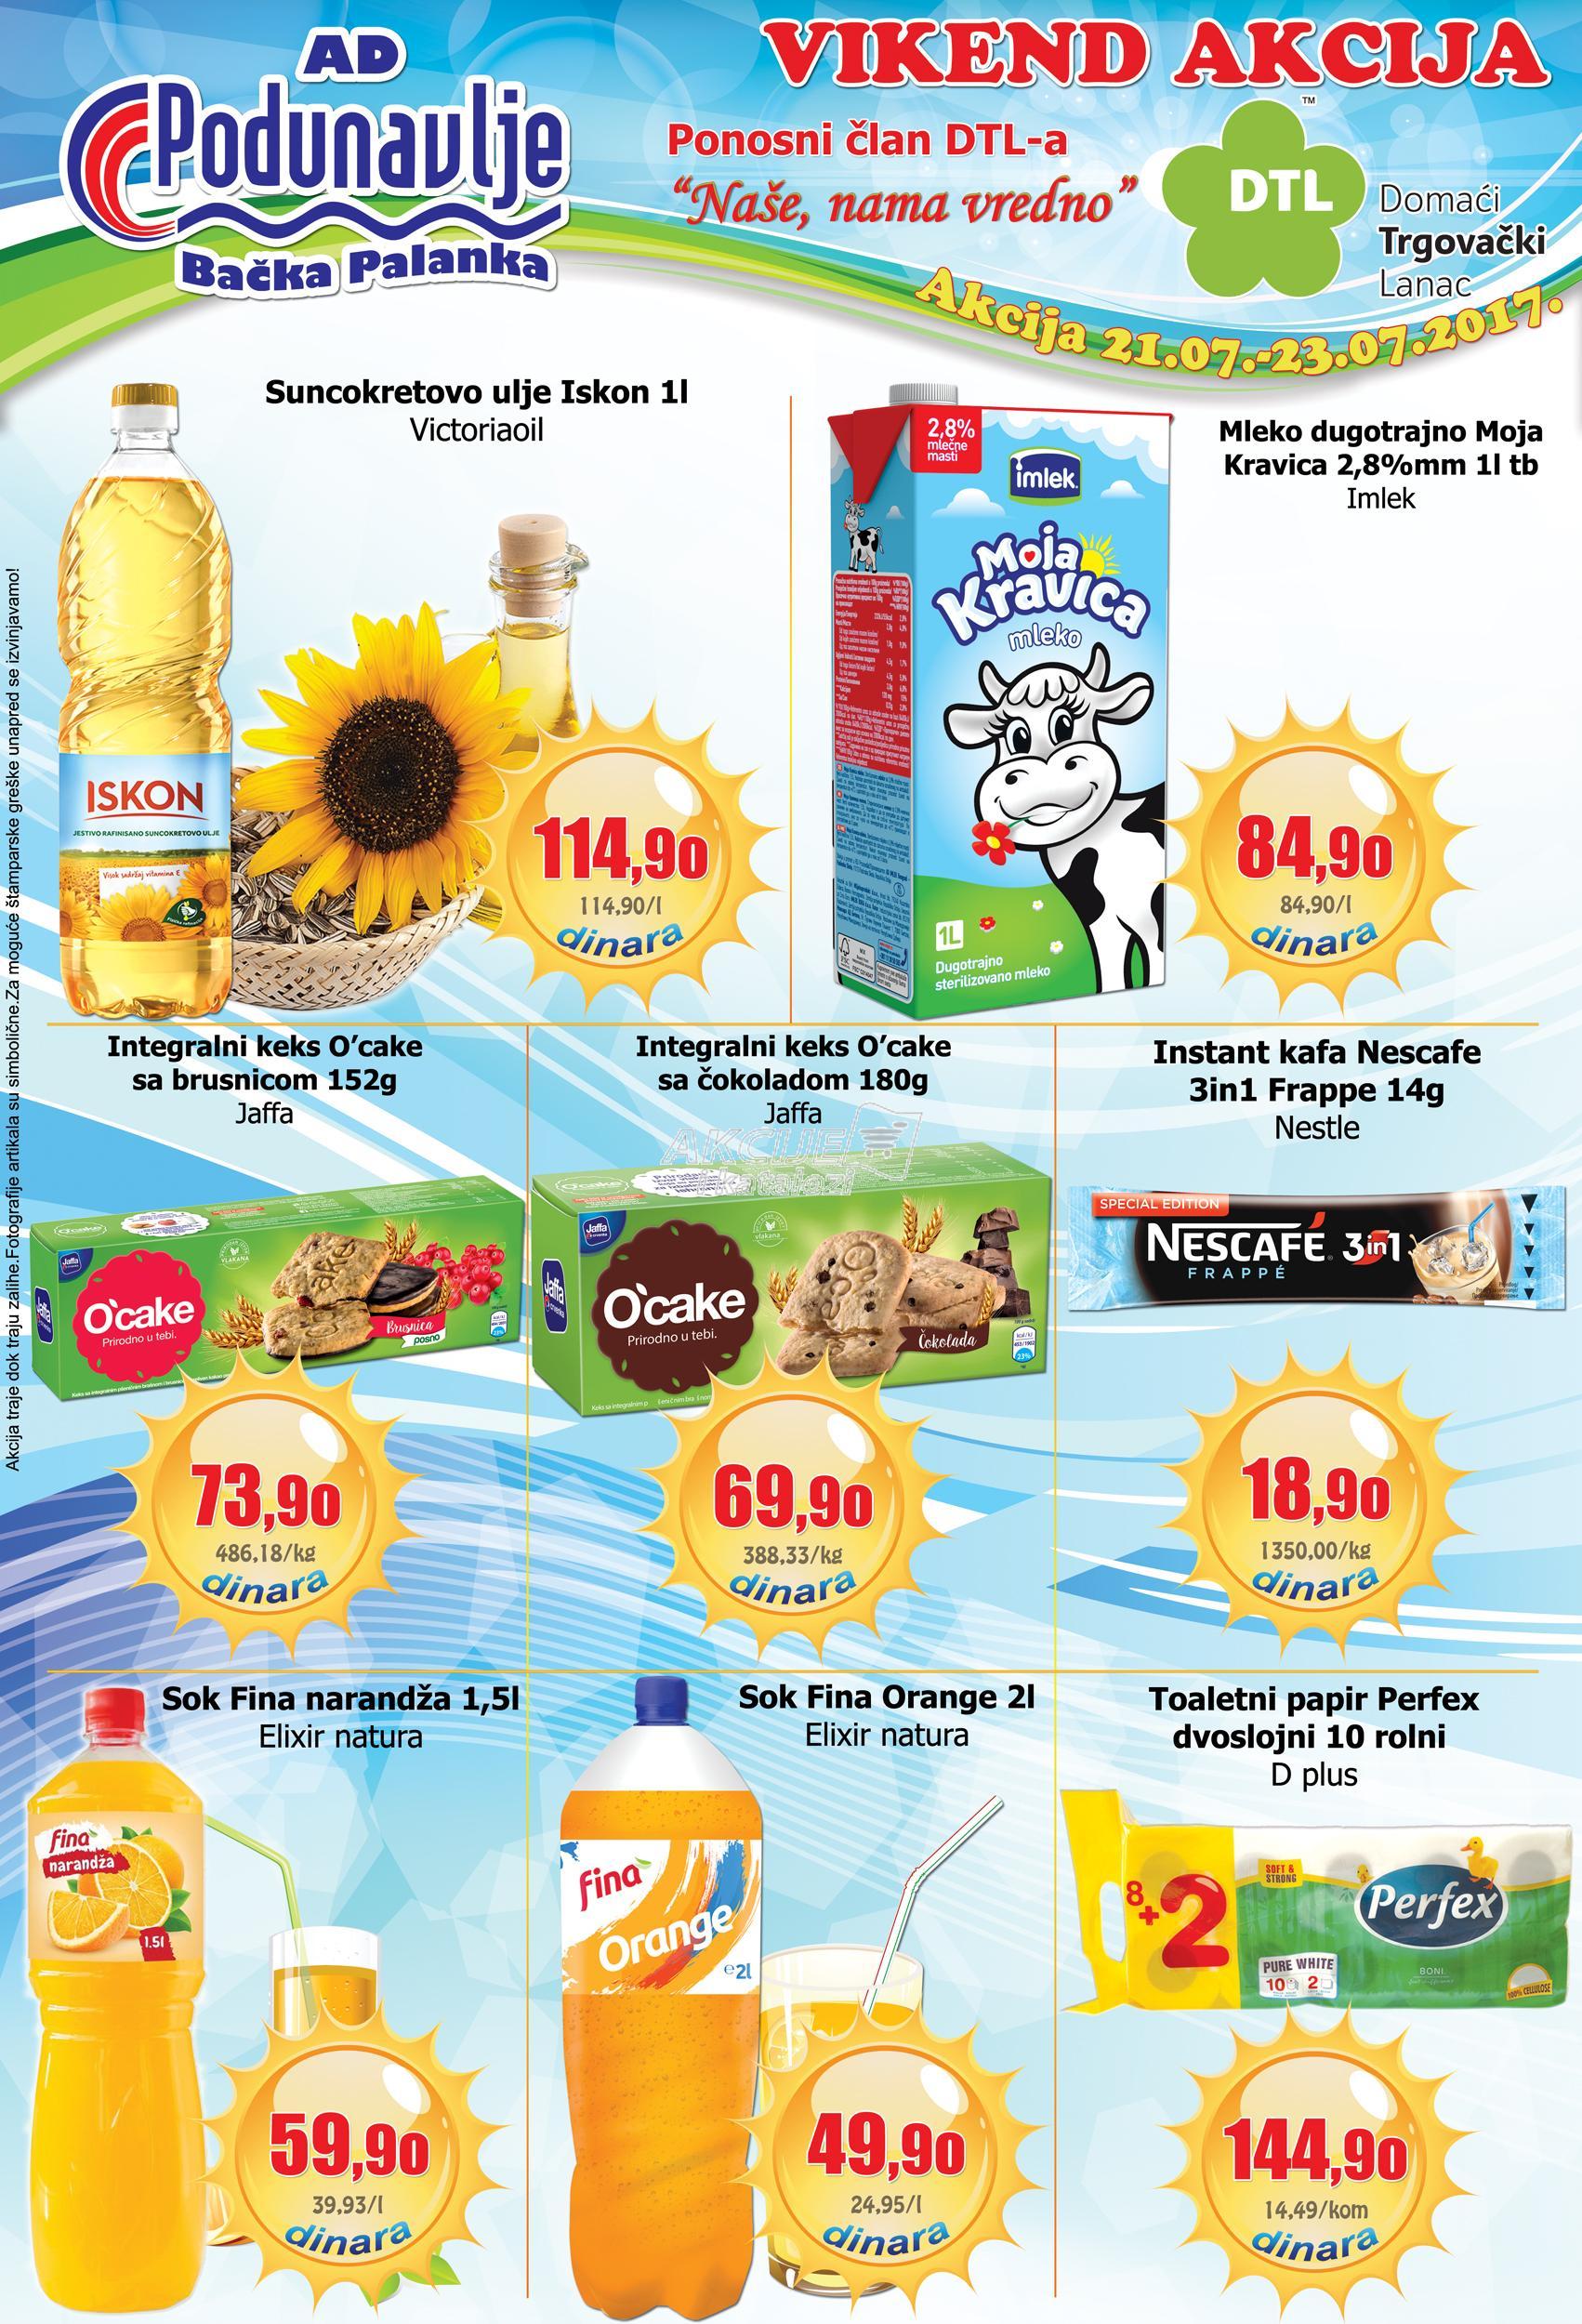 AD Podunavlje vikend akcija super cena